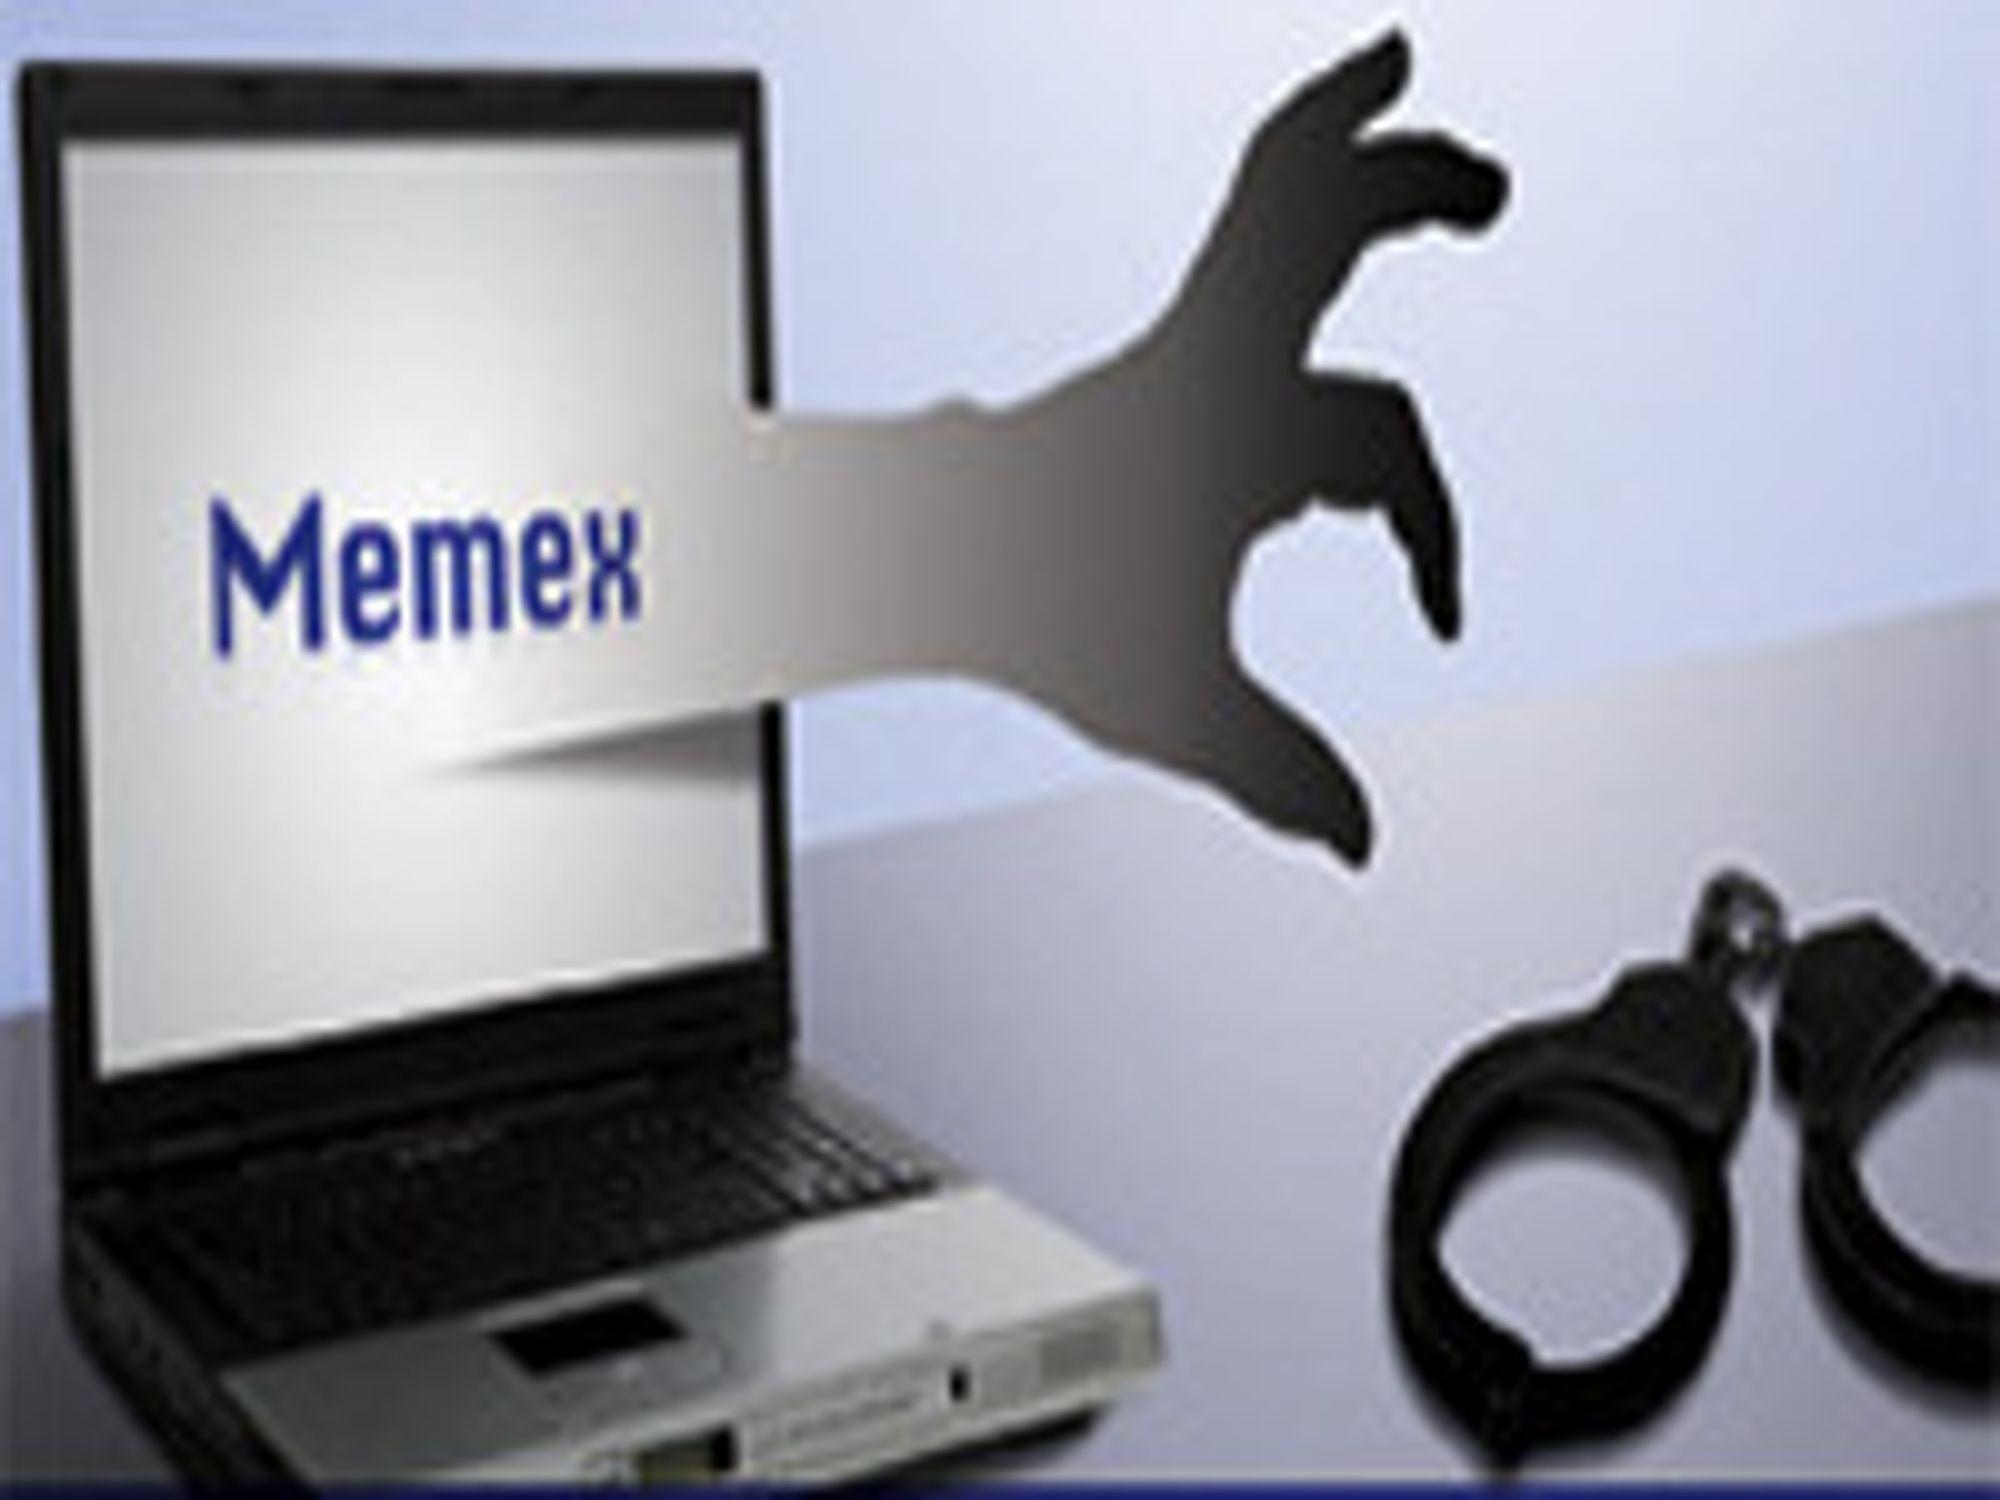 Tegningen er hentet fra Memex' nettsted.